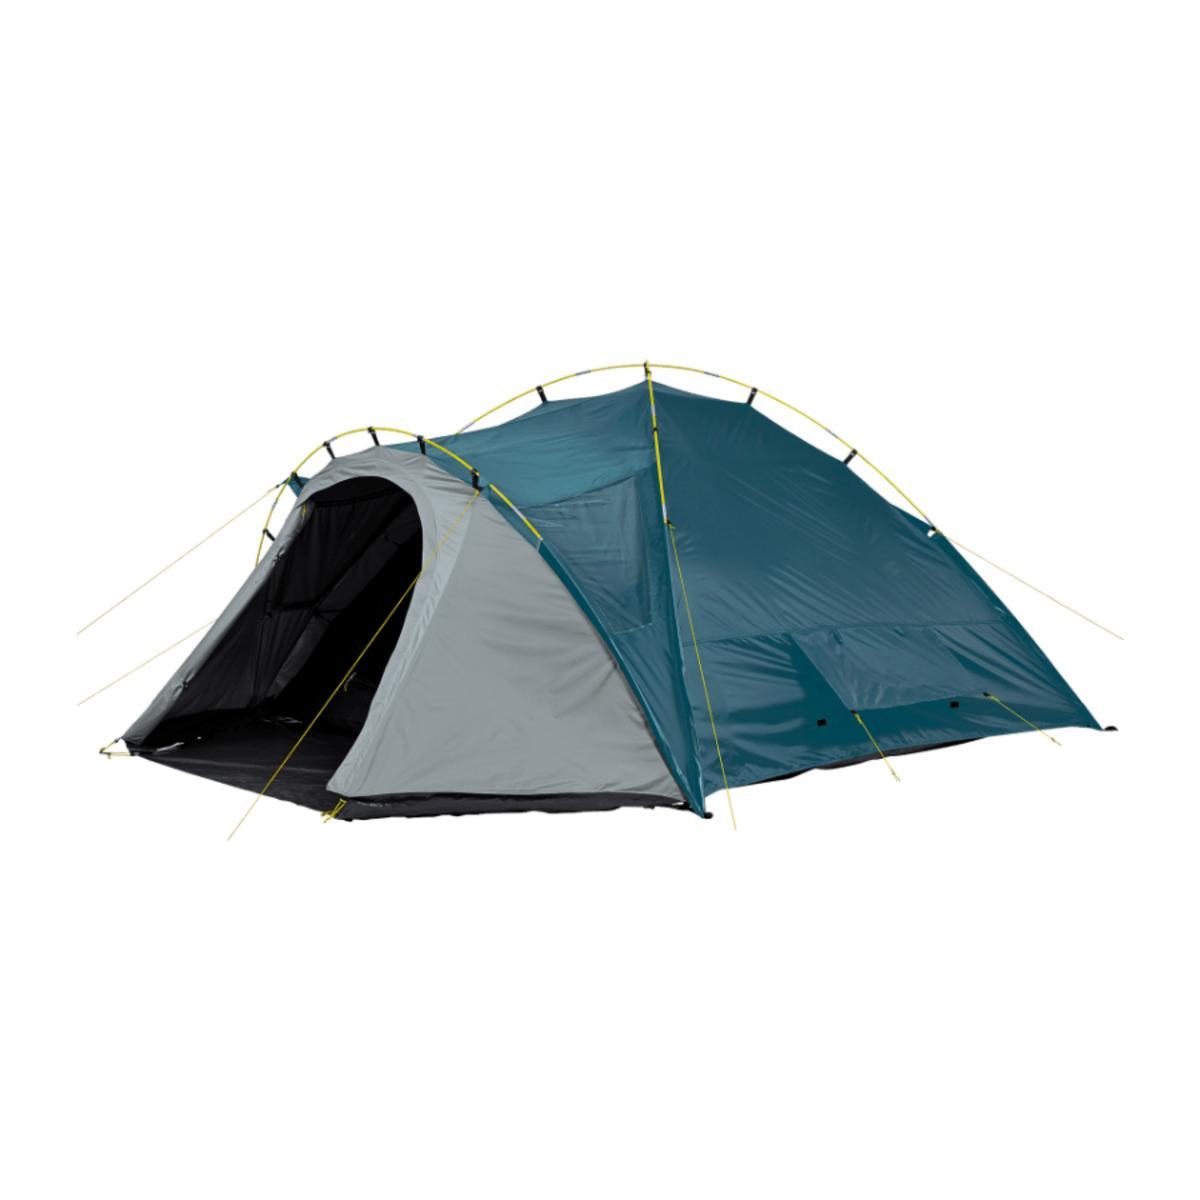 Bild 5 von FUN CAMP     Iglu-Doppeldach-Zelt